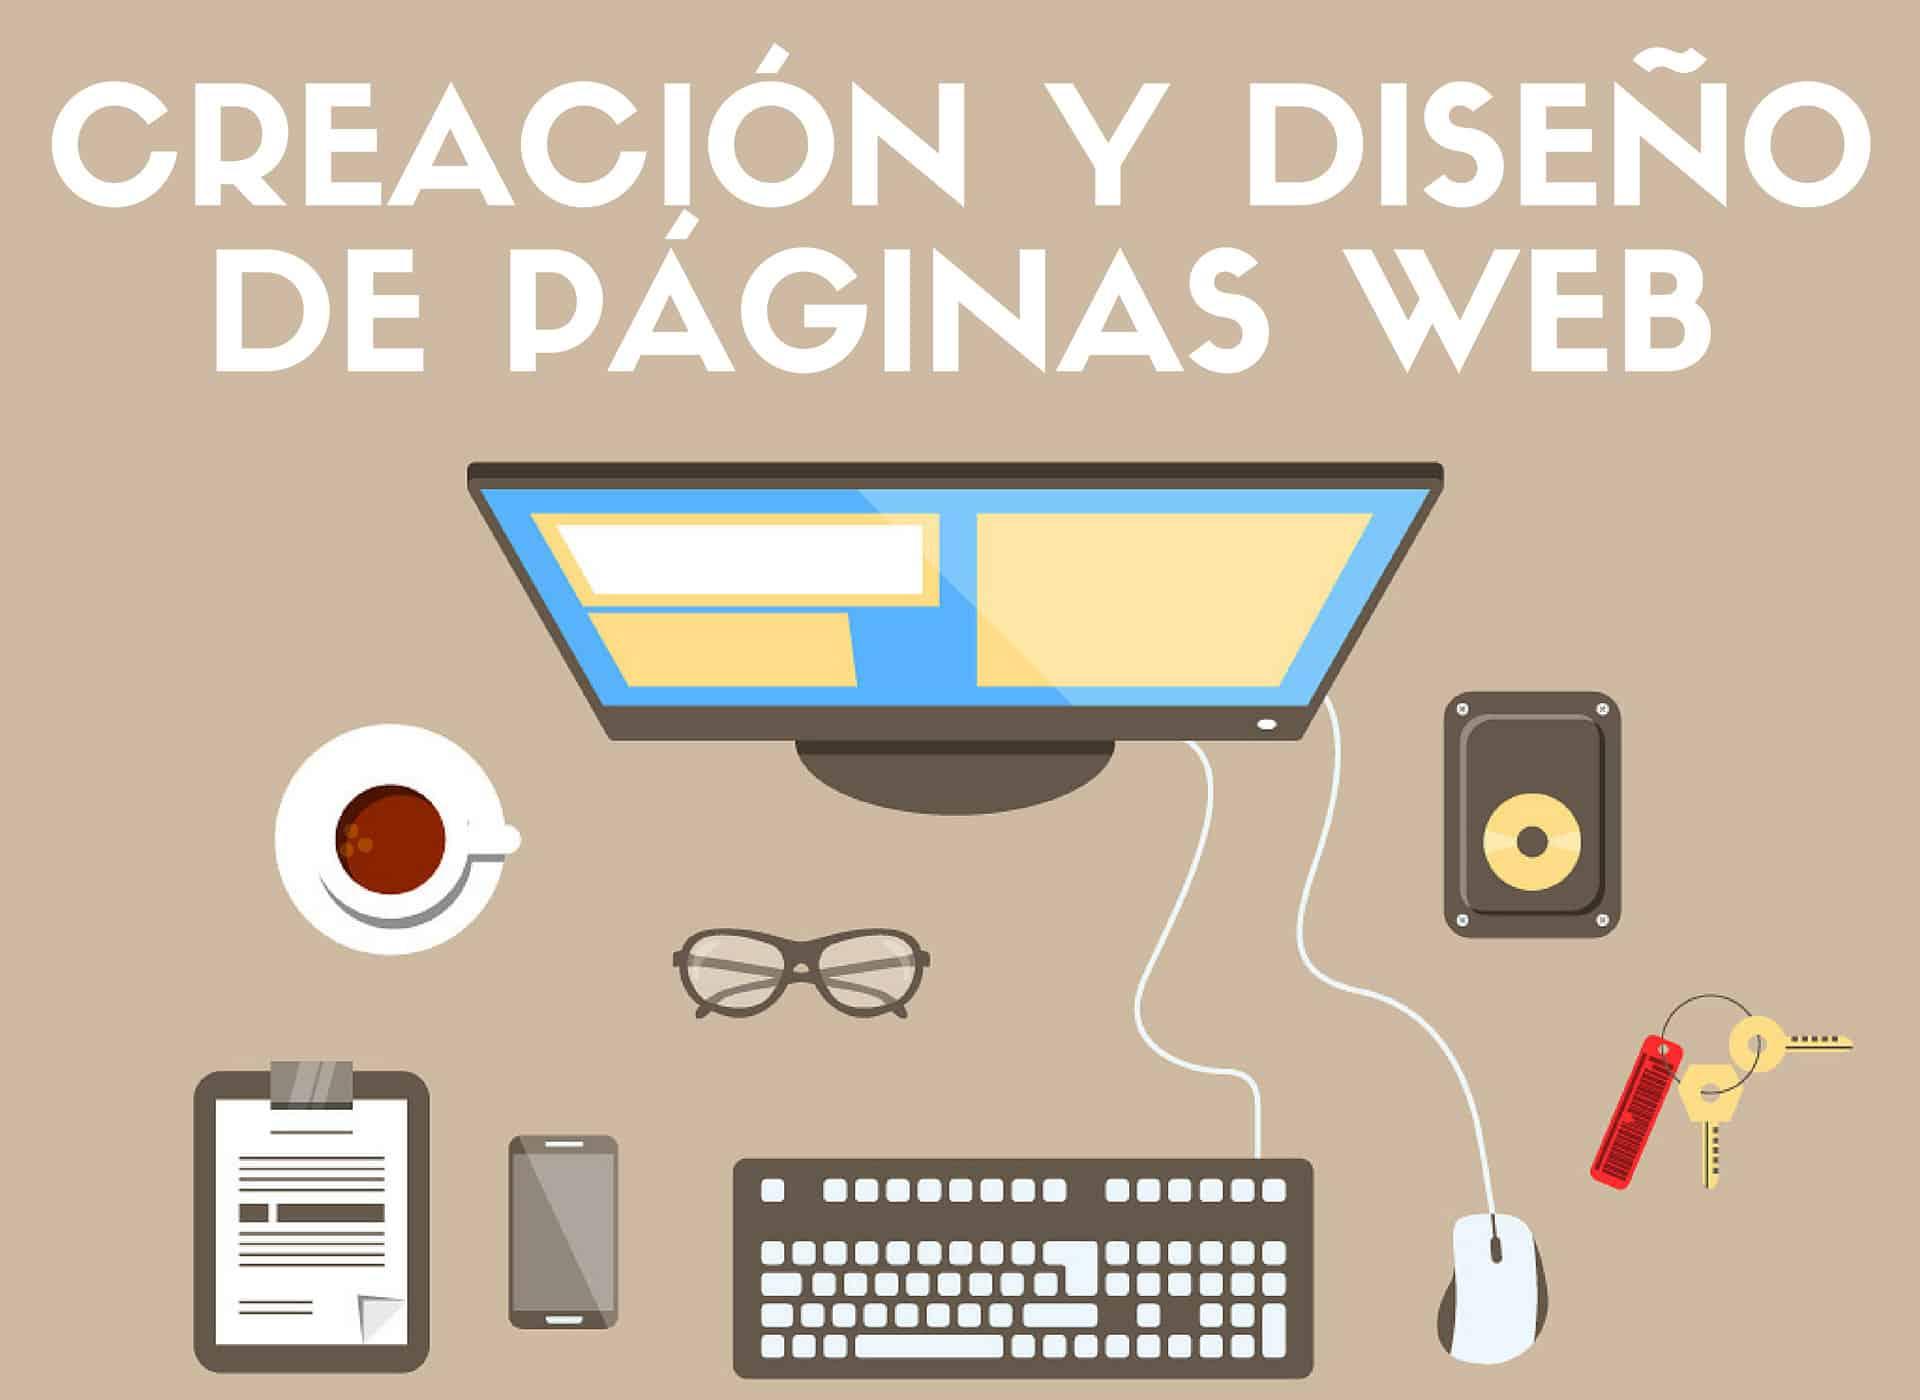 Curso Creación de páginas web WordPress - Maracaibo